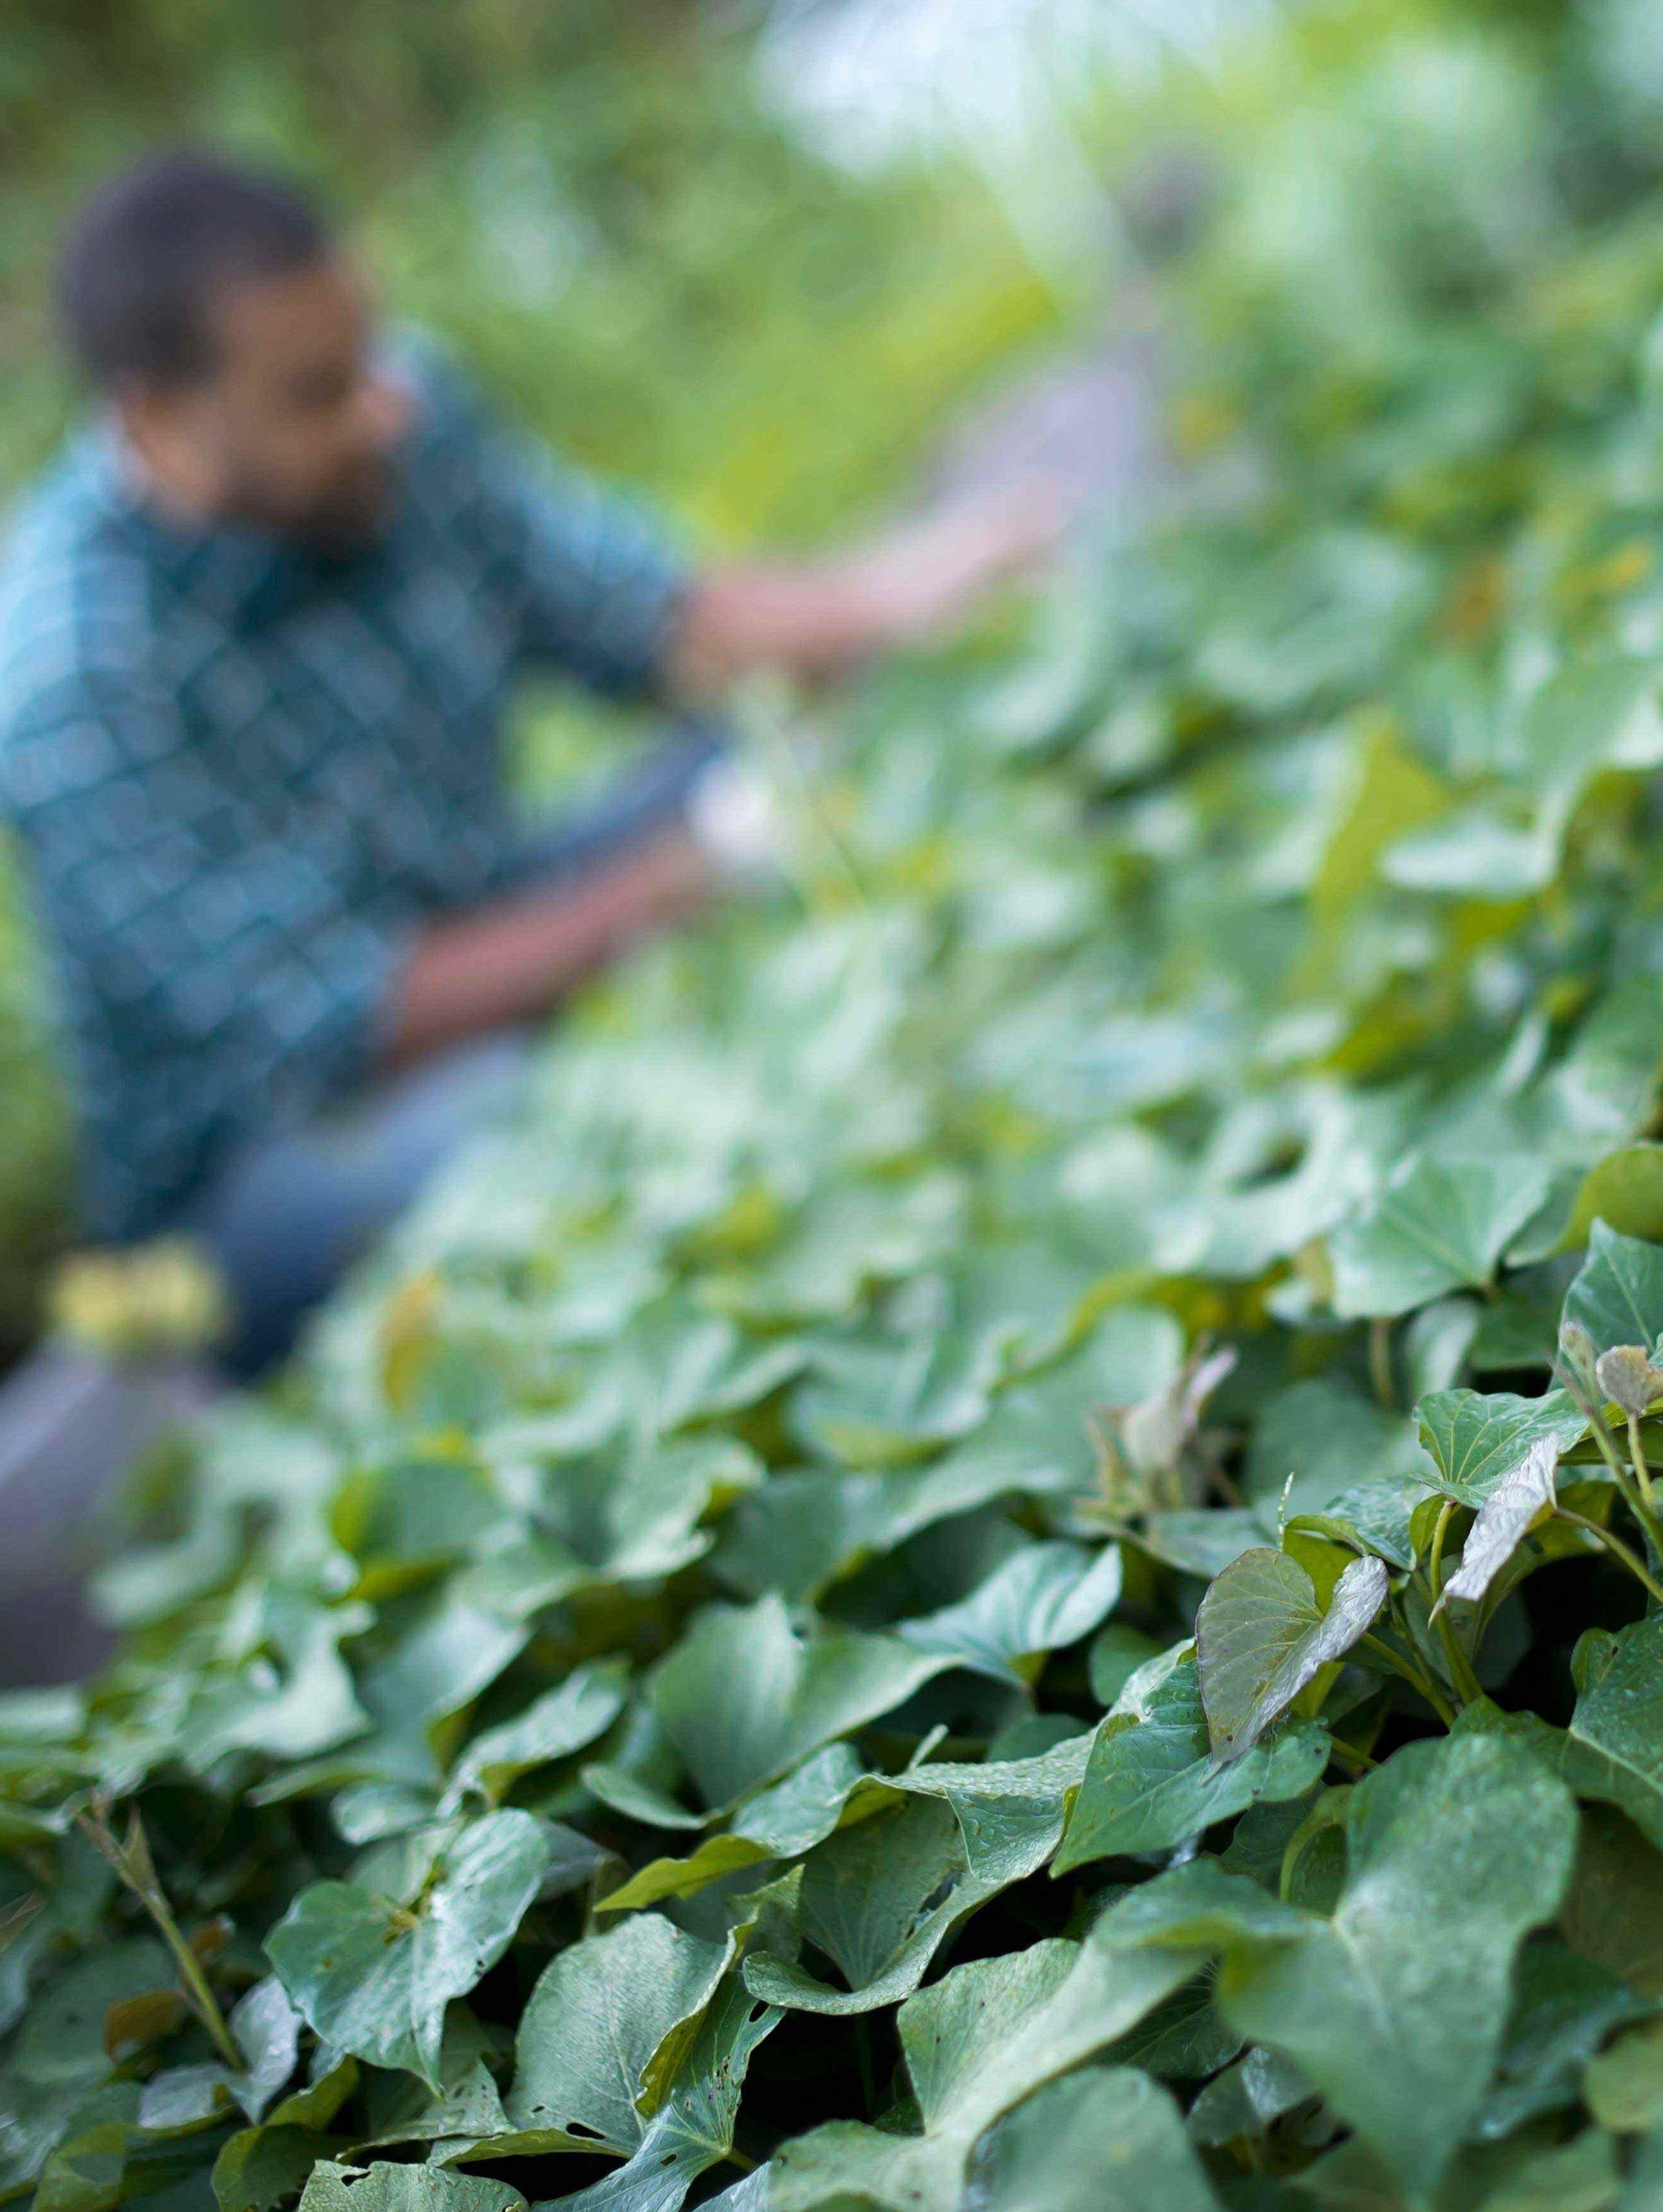 A farmer tending to cucumber plants in an organic ZABLMHB wr